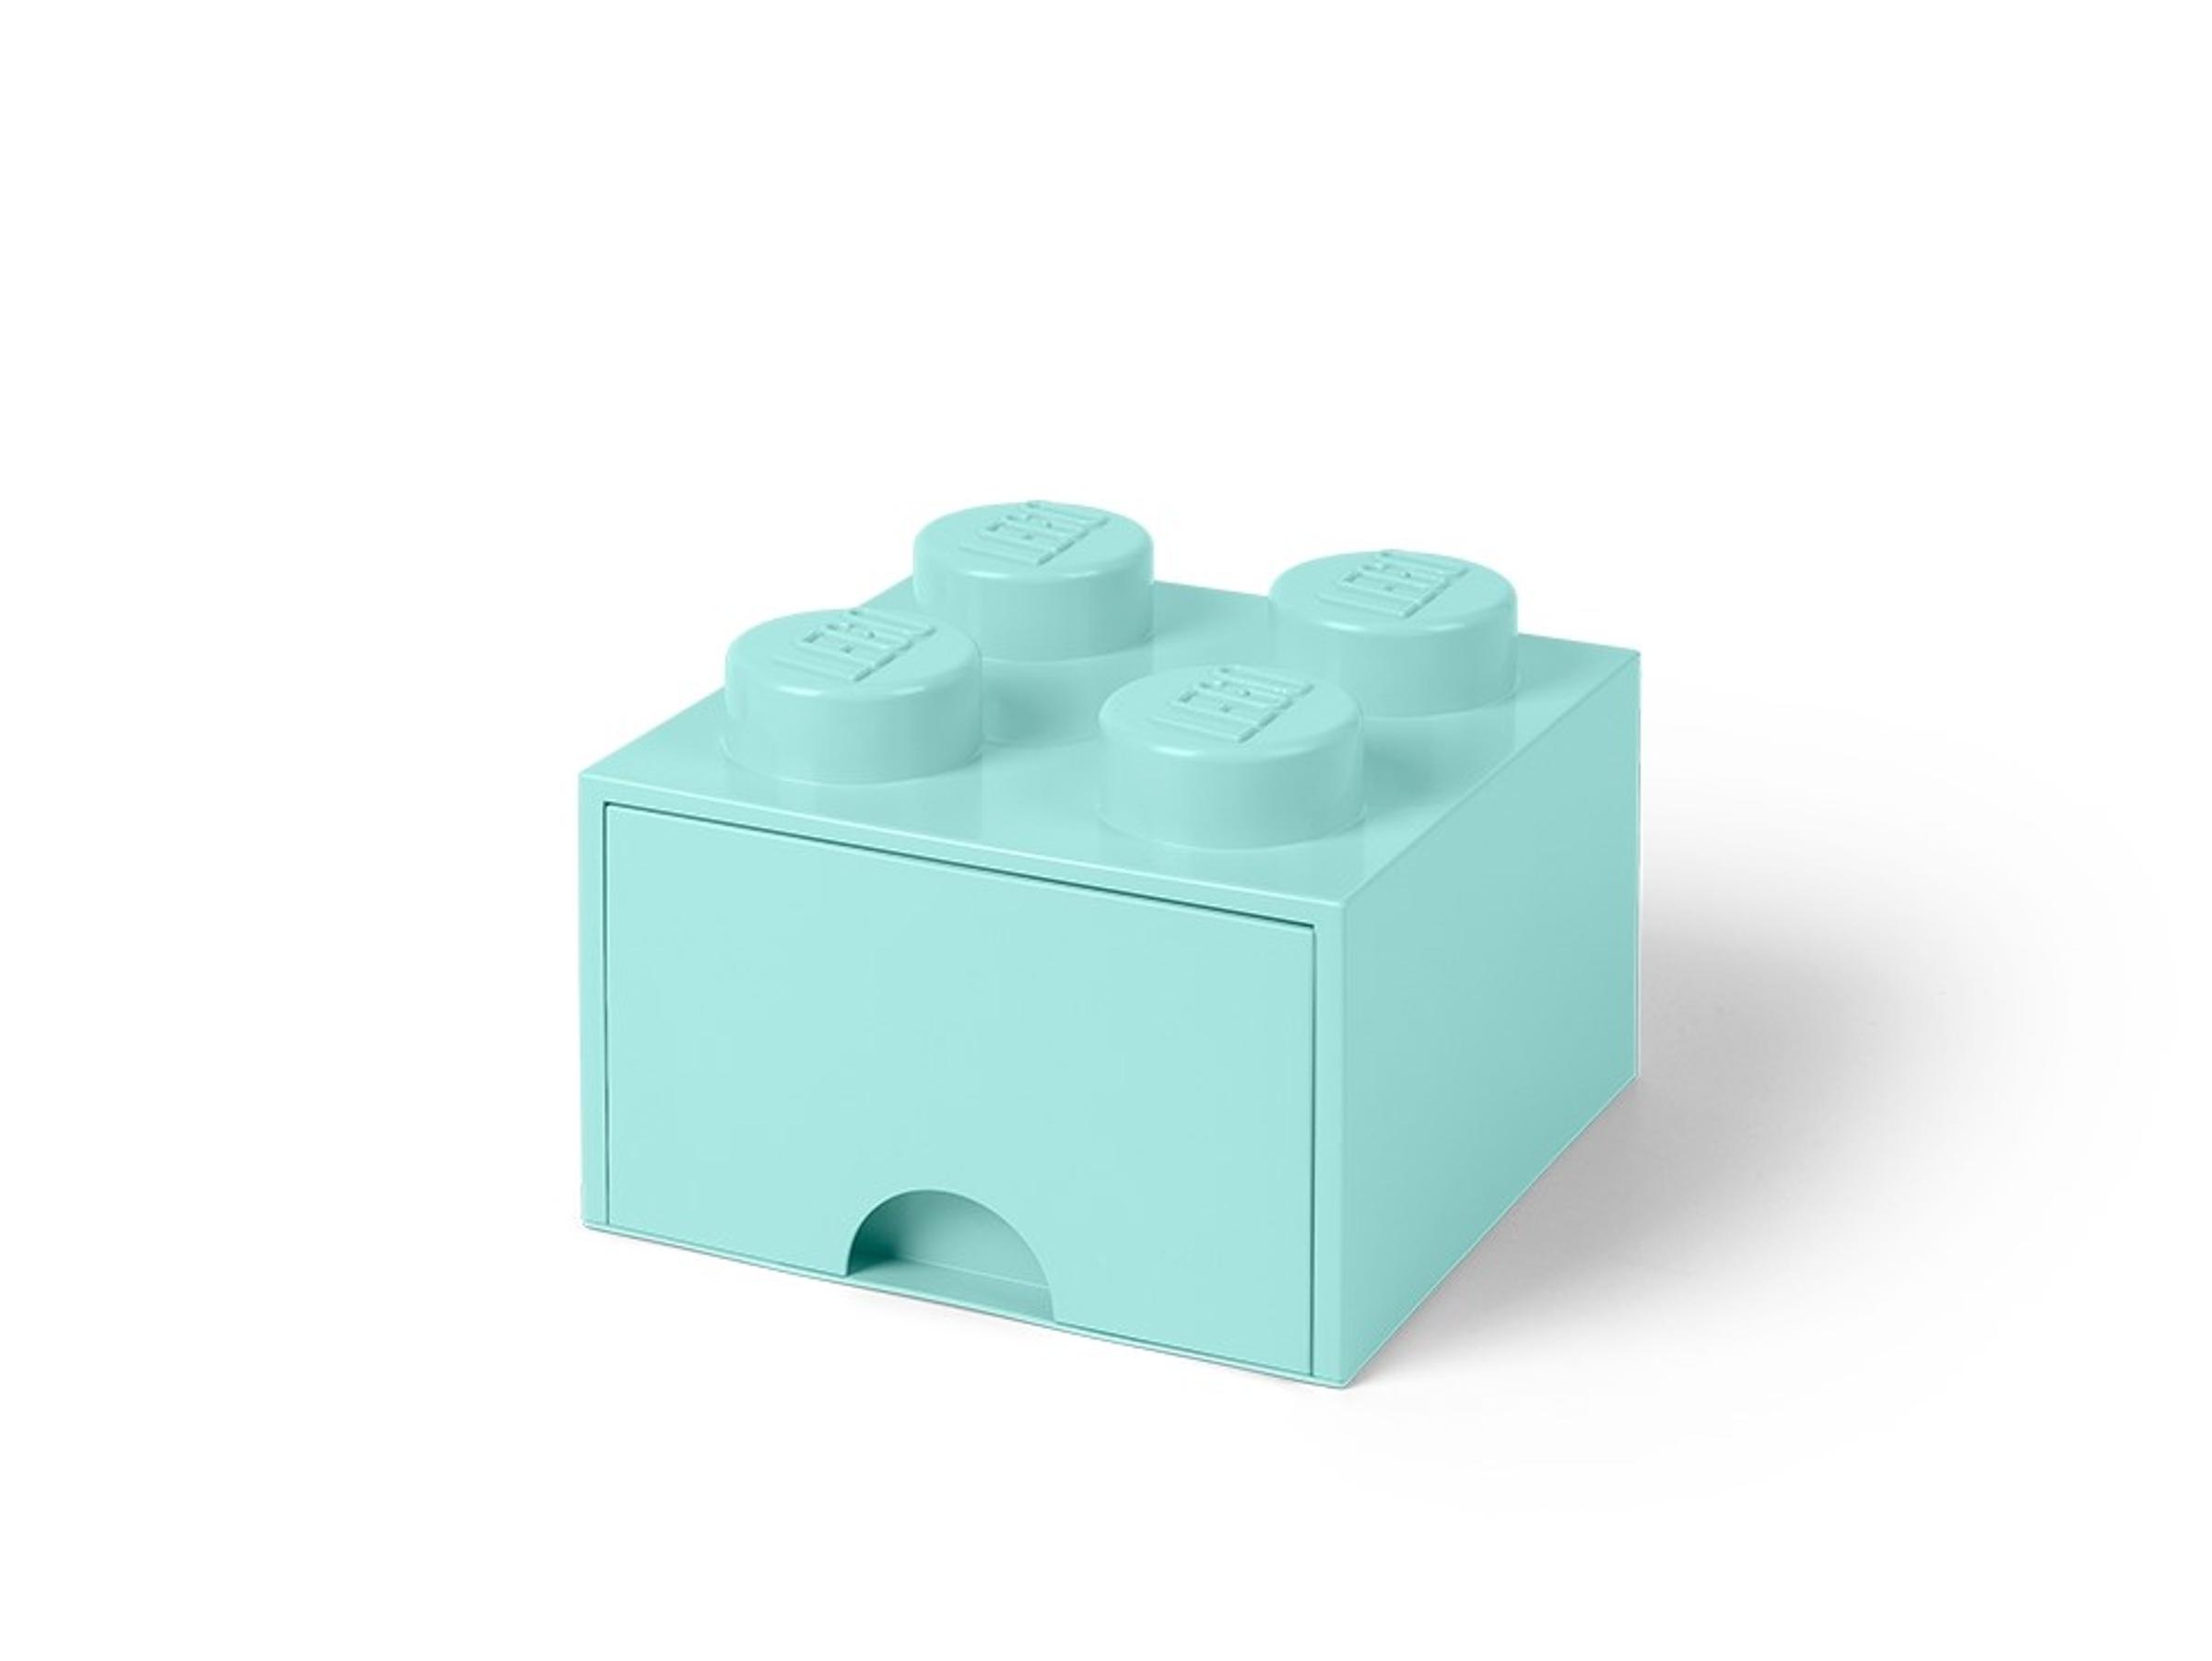 pudelko z szuflada w ksztalcie jasnoturkusowego klocka lego 5005714 z 4 wypustkami